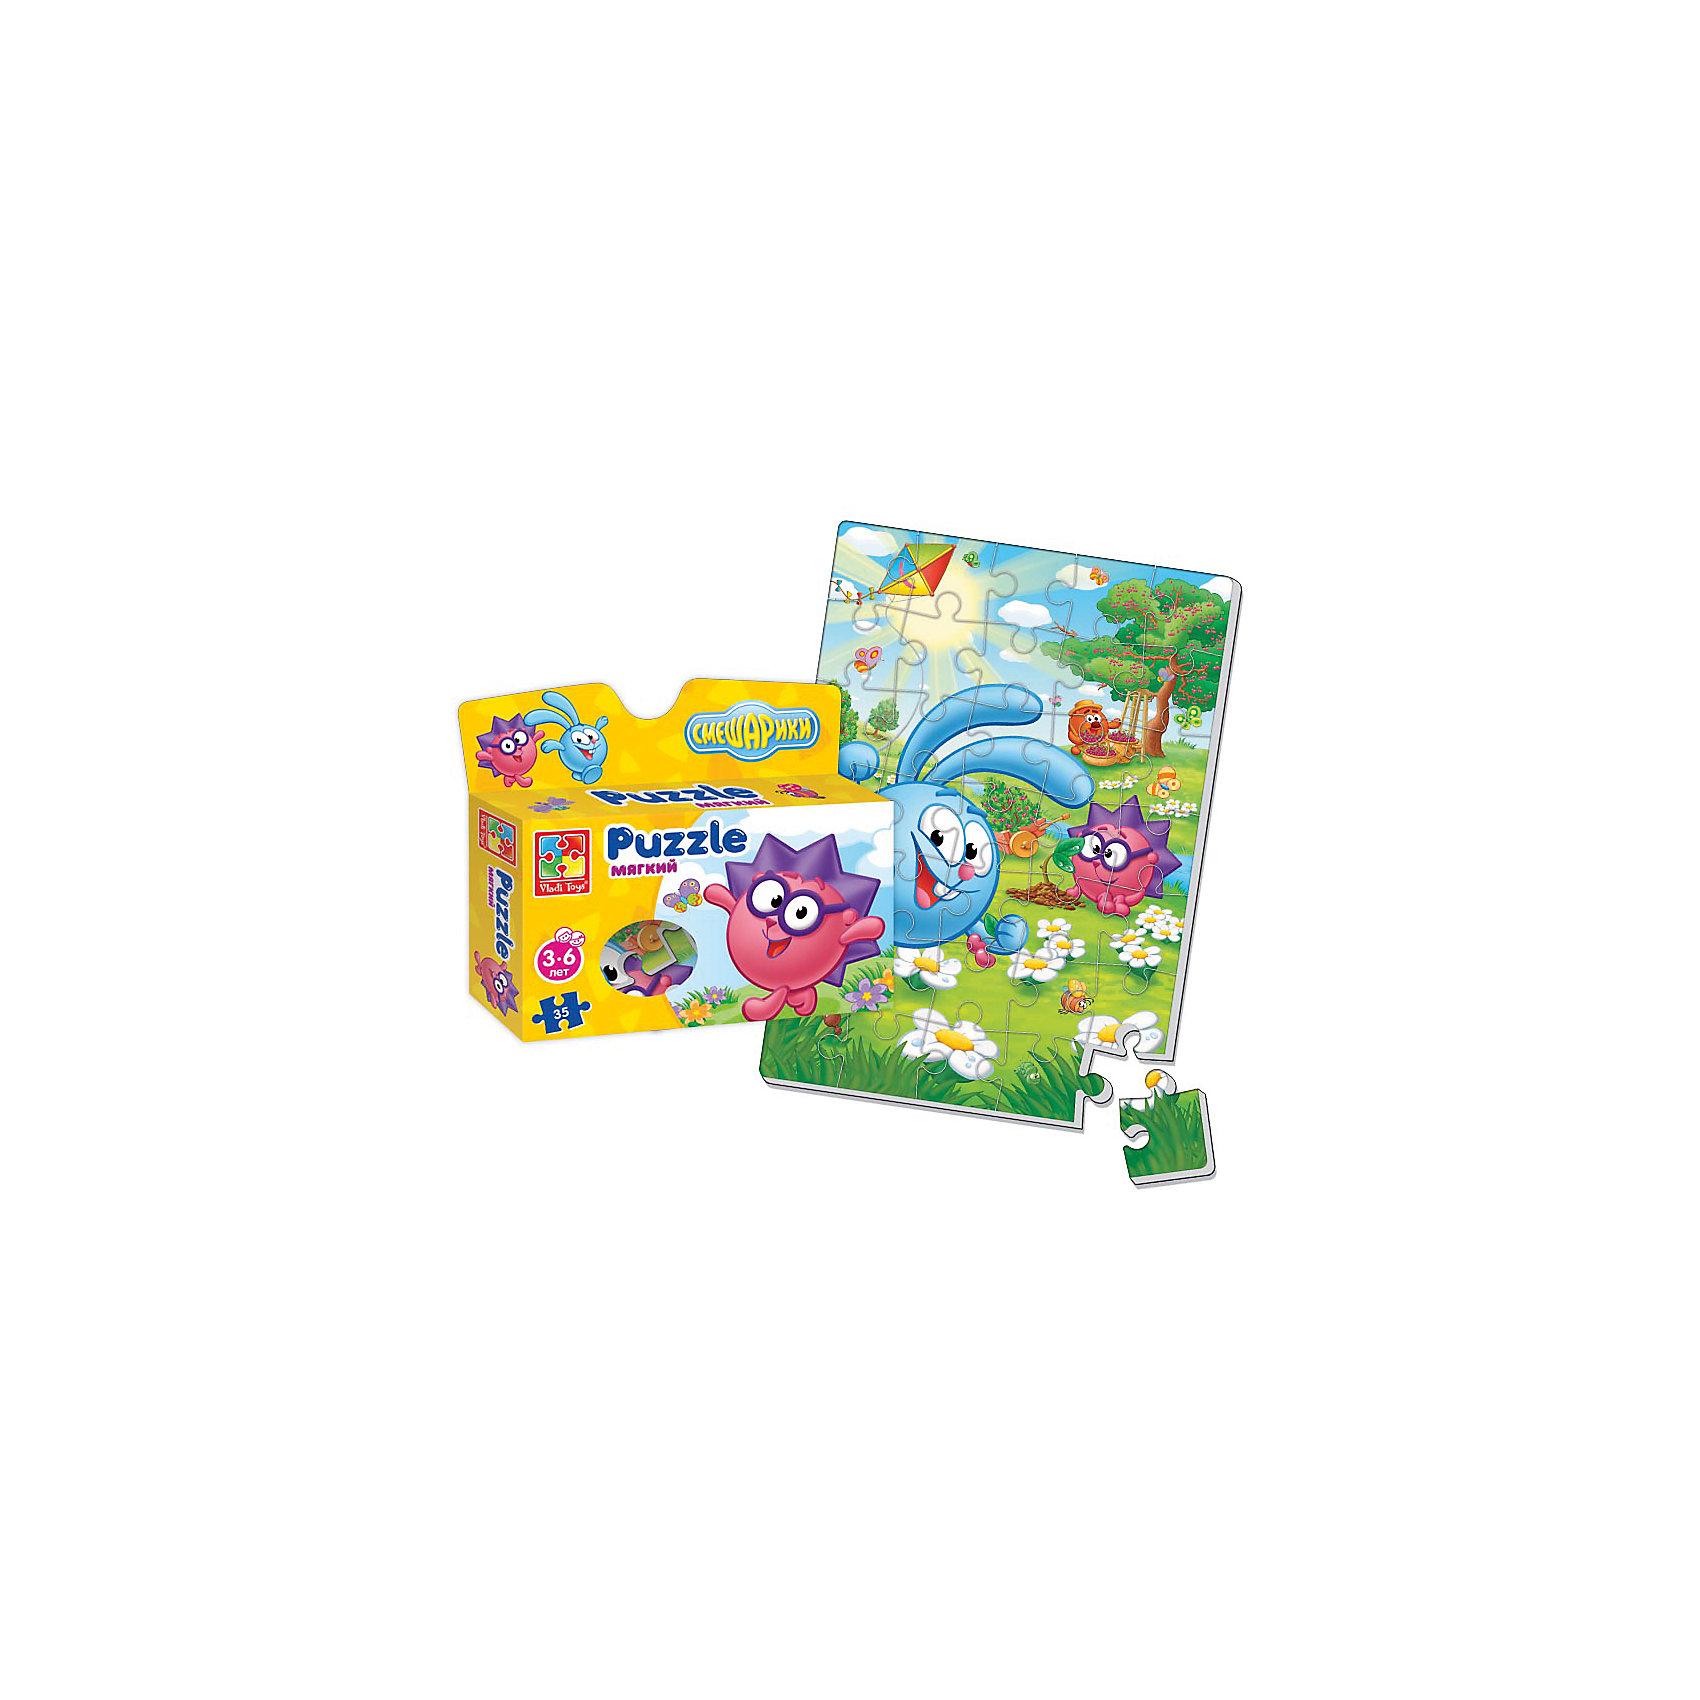 Мягкие пазлы А4 Смешарики, в коробке, Vladi ToysМягкие пазлы<br>Характеристики:<br><br>• Вид игр: развивающие<br>• Серия: пазлы-картинки<br>• Пол: универсальный<br>• Материал: полимер, картон<br>• Цвет: голубой, зеленый, сиреневый, розовый и др.<br>• Комплектация: 1 пазл из 35-ти элементов<br>• Размеры (Д*Ш*В): 19*4,5*22 см<br>• Тип упаковки: картонная коробка<br>• Вес: 75 г<br><br>Мягкие пазлы А4 Смешарики, в коробке, Vladi Toys, производителем которых является компания, специализирующаяся на выпуске развивающих игр, давно уже стали популярными среди аналогичной продукции. Мягкие пазлы – идеальное решение для развивающих занятий с самыми маленькими детьми, так как они разделены на большие элементы с крупными изображениями, чаще всего в качестве картинок используются герои популярных мультсериалов. Самое важное в пазле для малышей – это минимум деталей и безопасность элементов. Все используемые в производстве материалы являются экологически безопасными, не вызывают аллергии, не имеют запаха. Пазл А4 Смешарики, в коробке, Vladi Toys, представляет собой сюжетную картинку размером А4, которая состоит из 35-и крупных элементов с изображением Кроша, Ежика и Копатыча на цветочной поляне из мультфильма Смешарики. <br>Занятия с мягкими пазлами от Vladi Toys способствуют развитию не только мелкой моторики, но и внимательности, усидчивости, терпению при достижении цели. Кроме того, по собранной картинке можно составлять рассказ, что позволит развивать речевые навыки, память и воображение.<br><br>Мягкие пазлы А4 Смешарики, в коробке, Vladi Toys, можно купить в нашем интернет-магазине.<br><br>Ширина мм: 190<br>Глубина мм: 45<br>Высота мм: 220<br>Вес г: 75<br>Возраст от месяцев: 24<br>Возраст до месяцев: 60<br>Пол: Унисекс<br>Возраст: Детский<br>SKU: 5136083